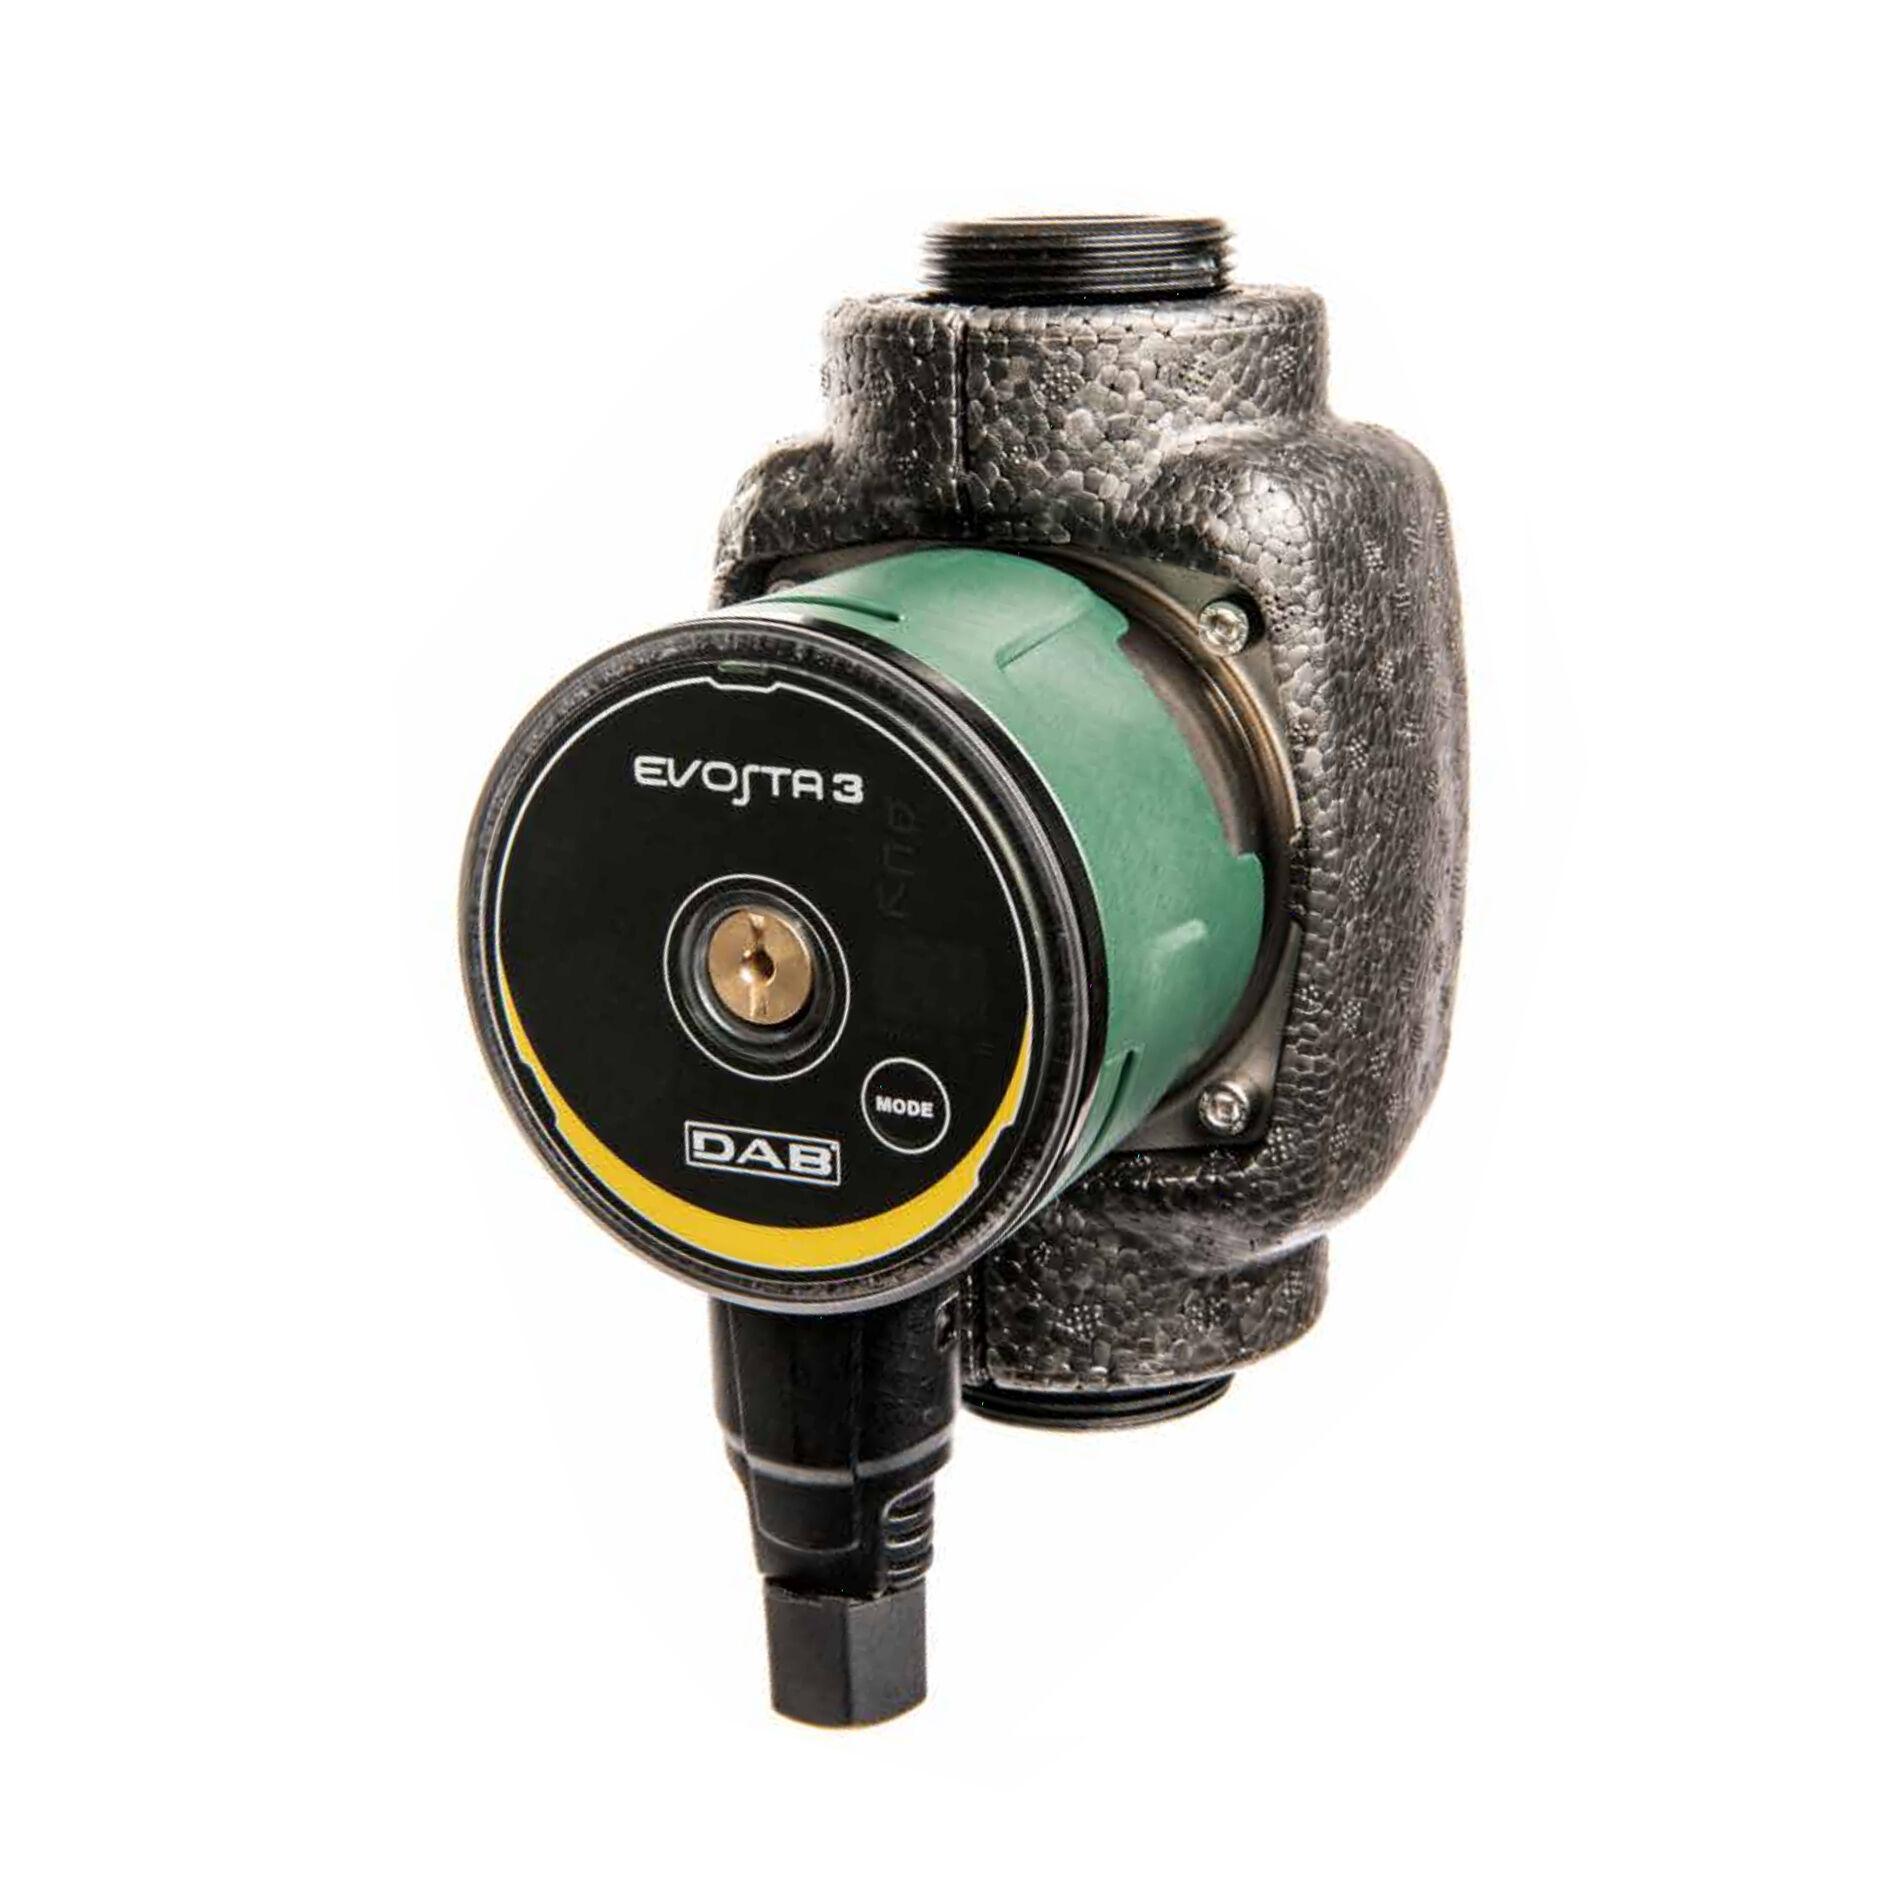 DAB Circolatore DAB Evosta 3 80/130 (pompa per il riscaldamento)